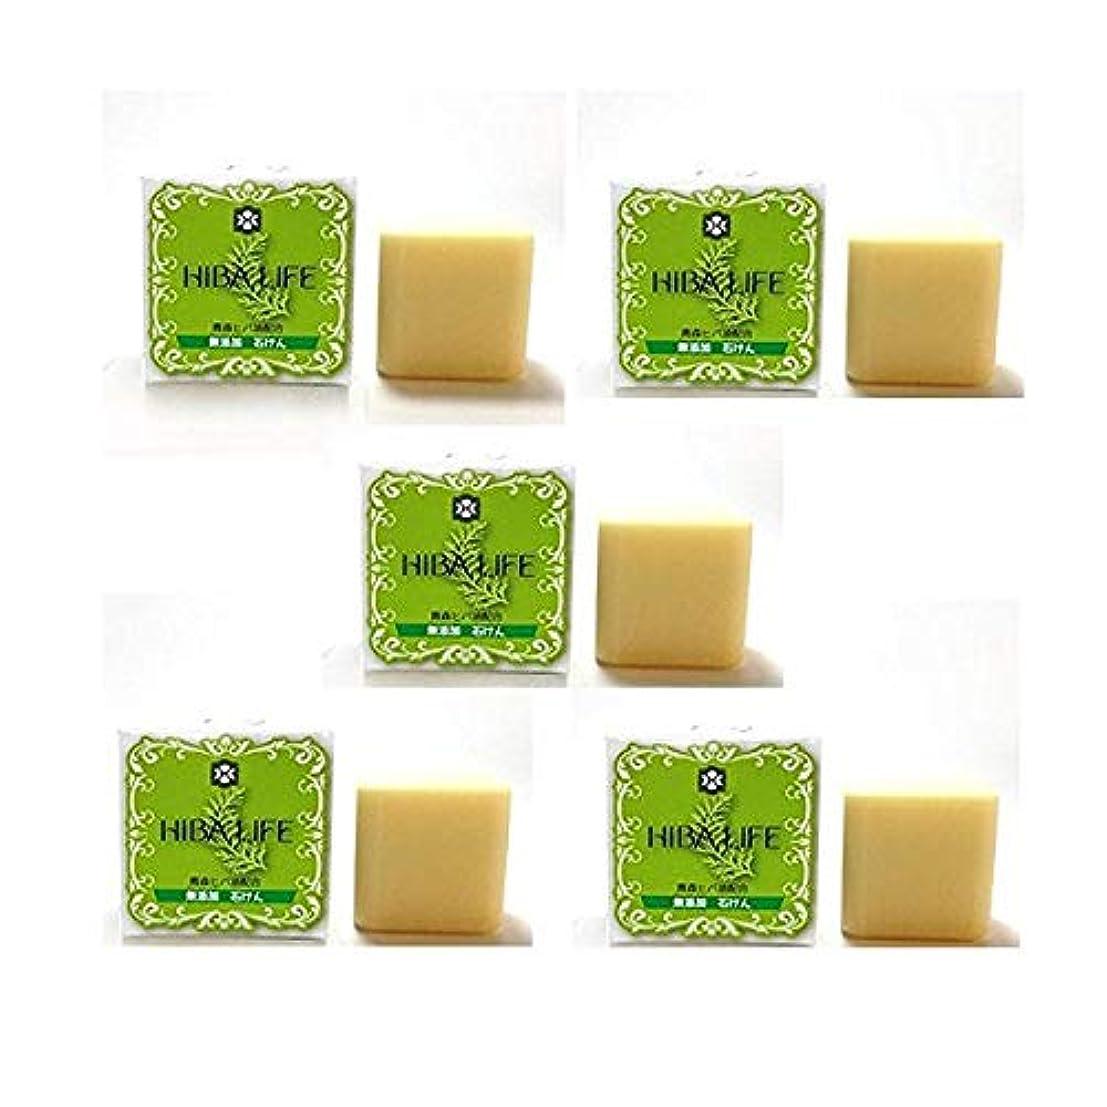 草ブッシュロケットヒバ石鹸 ひばの森化粧石鹸5個セット(100g×5個) 青森ヒバ精油配合の無添加ひば石鹸